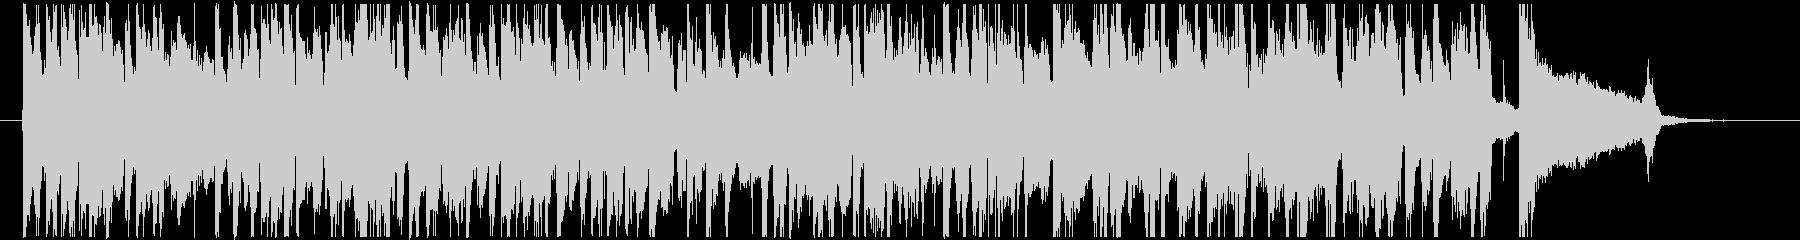 レトロなアコースティックギターBGMの未再生の波形